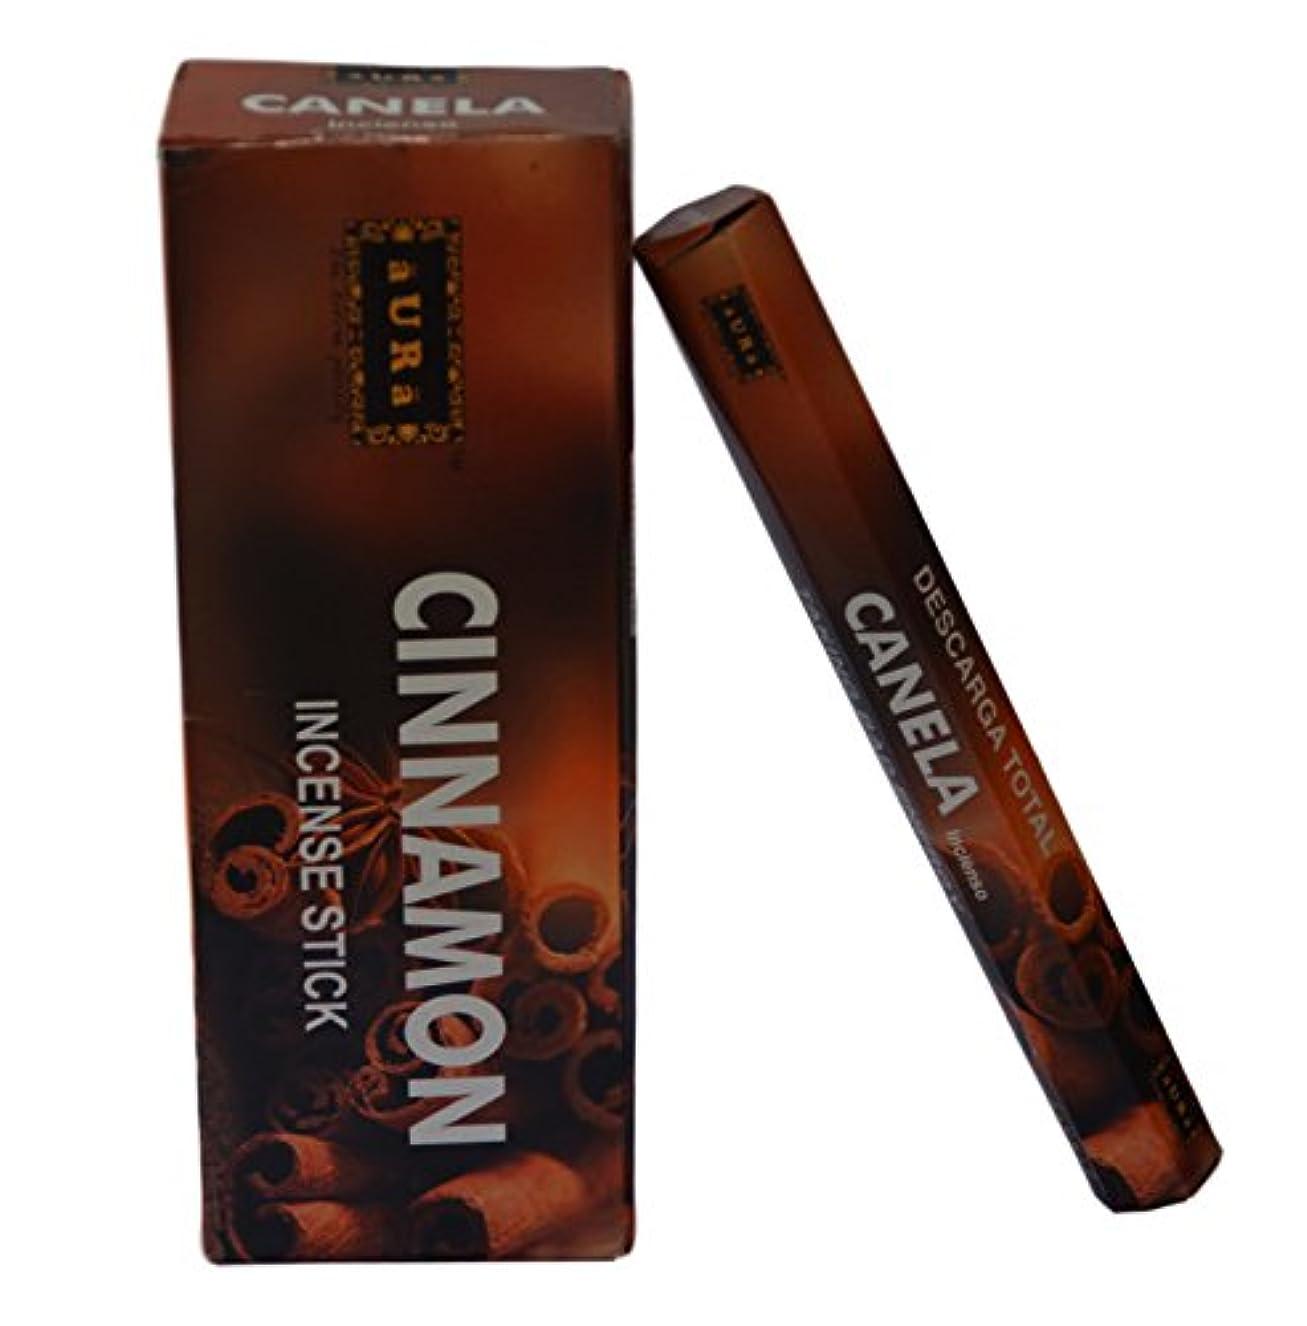 不規則な正当化する非効率的なオーラCinnamon Scented Incense Sticks、プレミアム天然Incense Sticks、六角packing- 120 Sticks